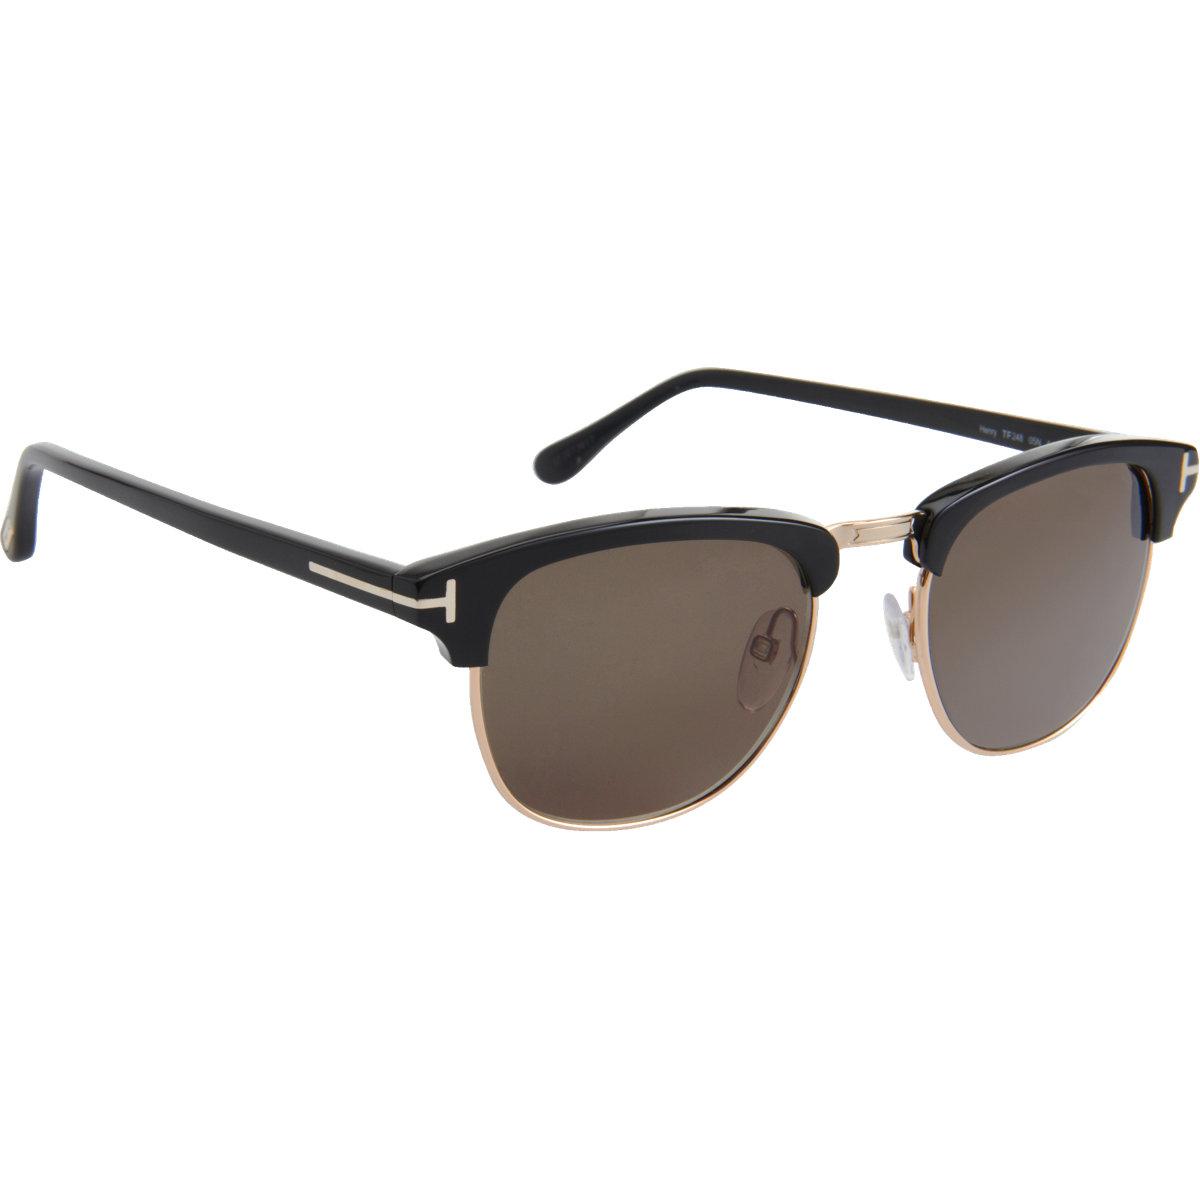 lyst tom ford henry sunglasses in black for men. Black Bedroom Furniture Sets. Home Design Ideas